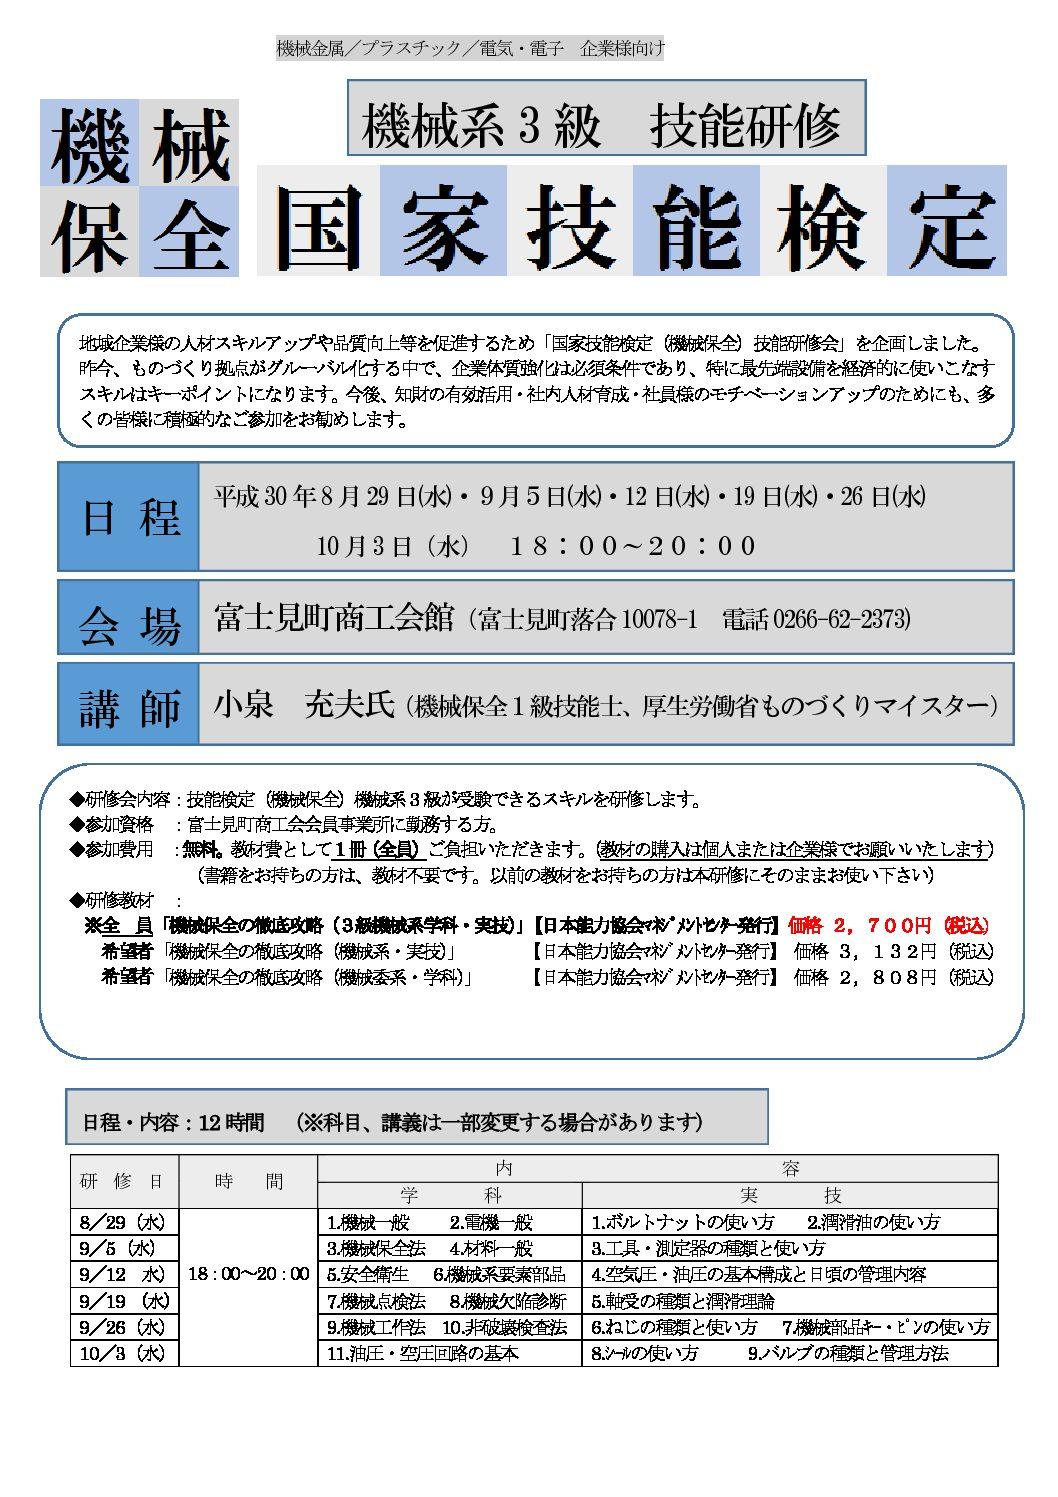 機械保全国家技能検定研修会のお知らせ